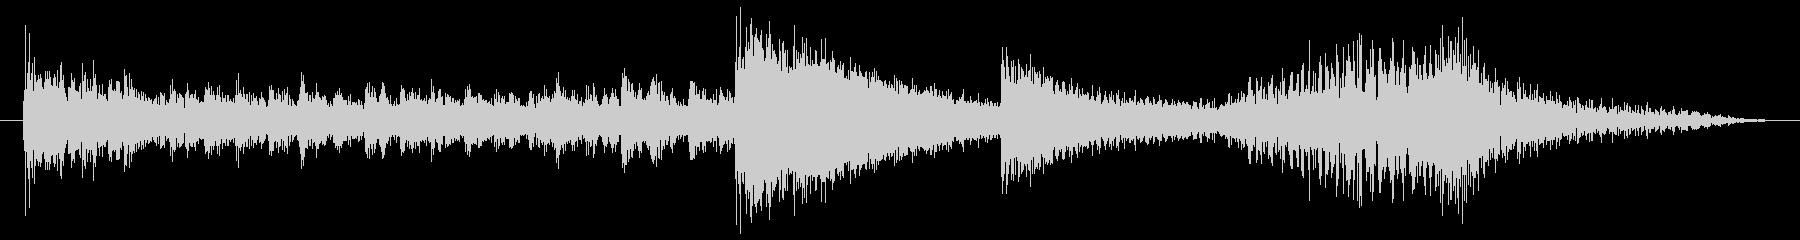 打楽器とハープのコミカルサウンドロゴの未再生の波形